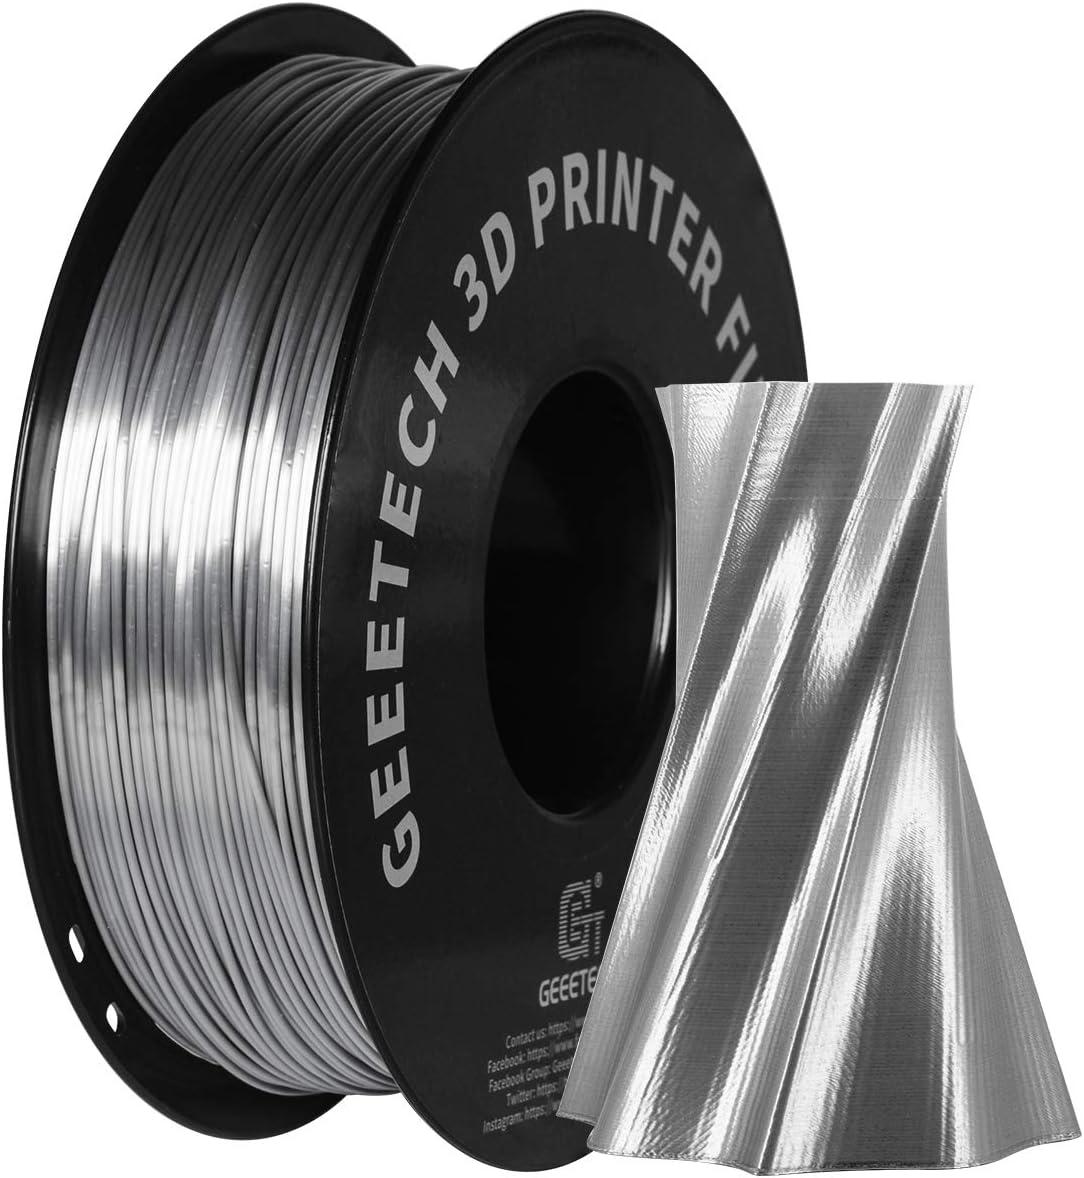 GEEETECH PLA filament 1.75mm Silk Argent, Imprimante 3D Filament PLA 1kg Bobine